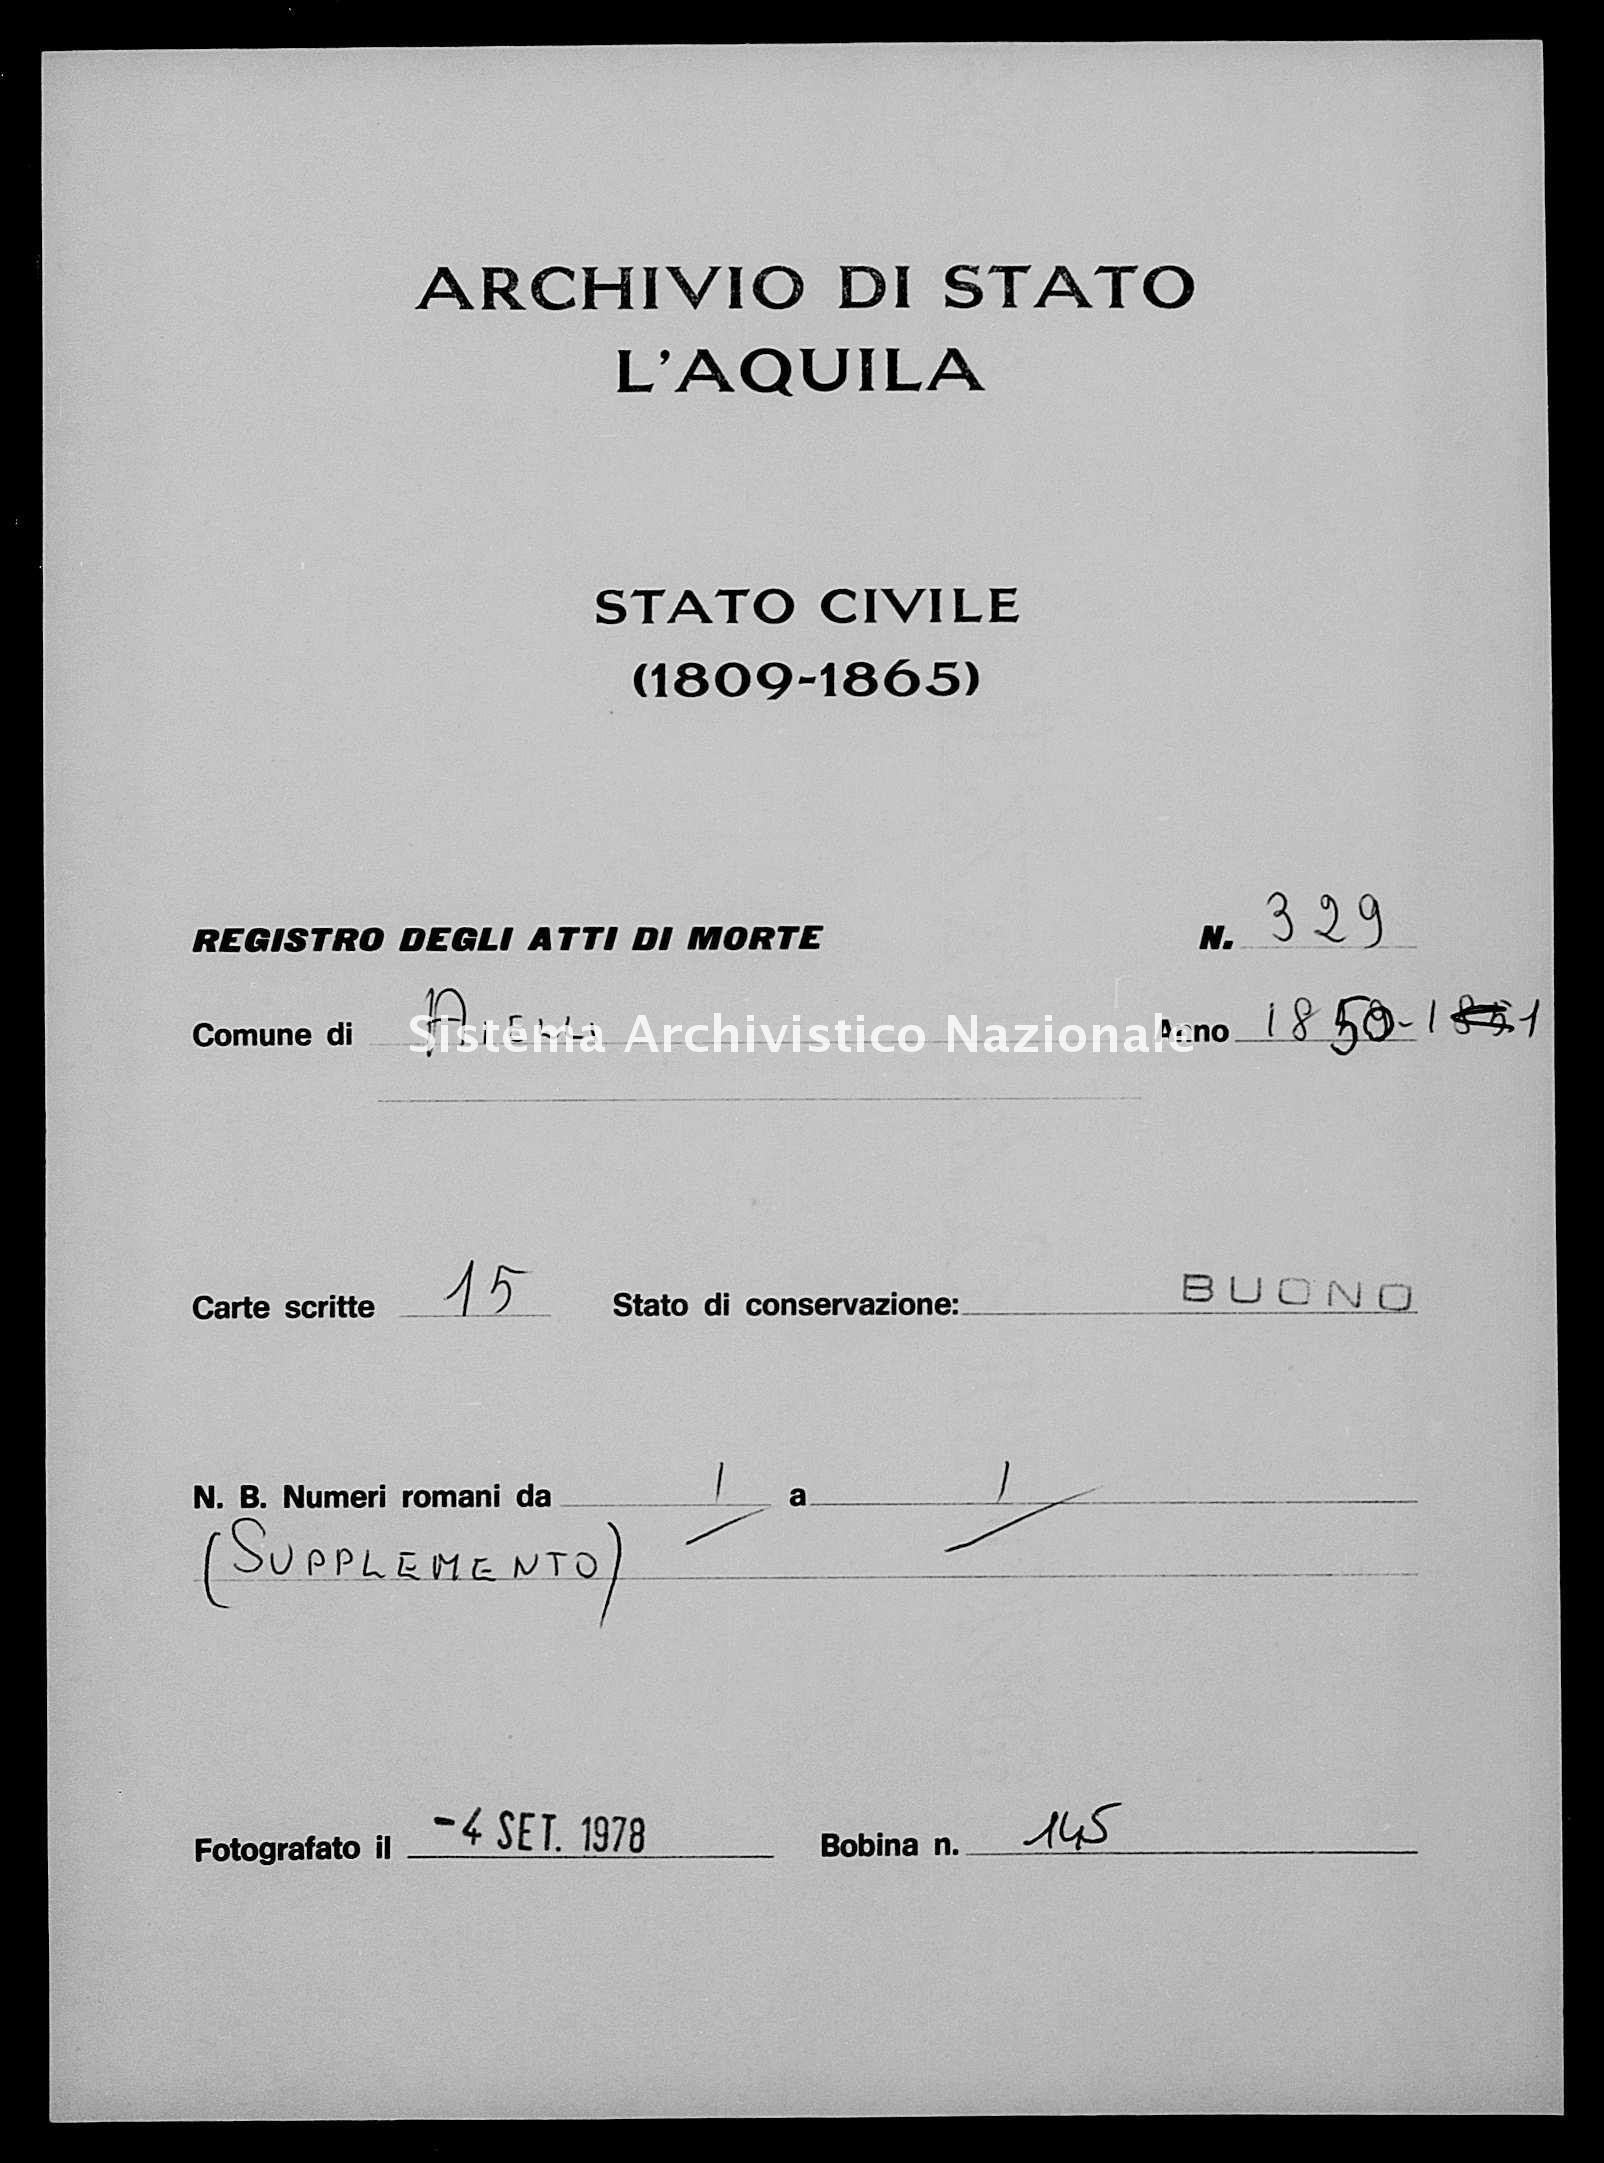 Archivio di stato di L'aquila - Stato civile della restaurazione - Aielli - Morti - 1850 - 329 -